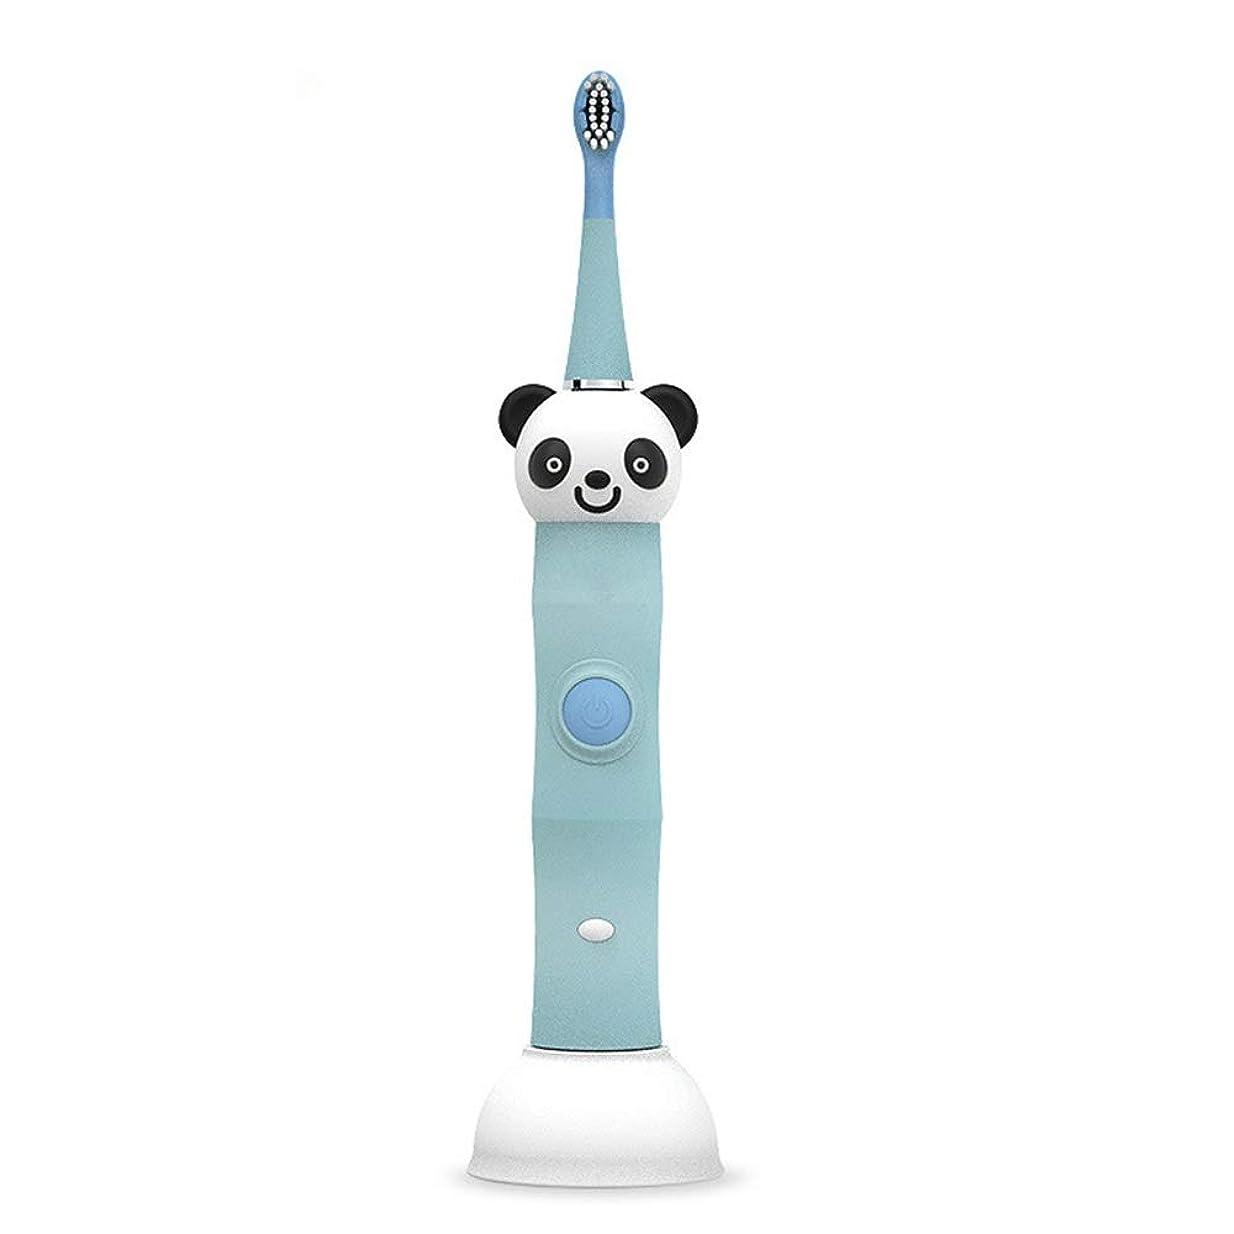 わがまま王子できたUSBの充満基盤の柔らかい毛のきれいな歯ブラシと防水子供の電動歯ブラシ 完全な口腔ケアのために (色 : 青, サイズ : Free size)